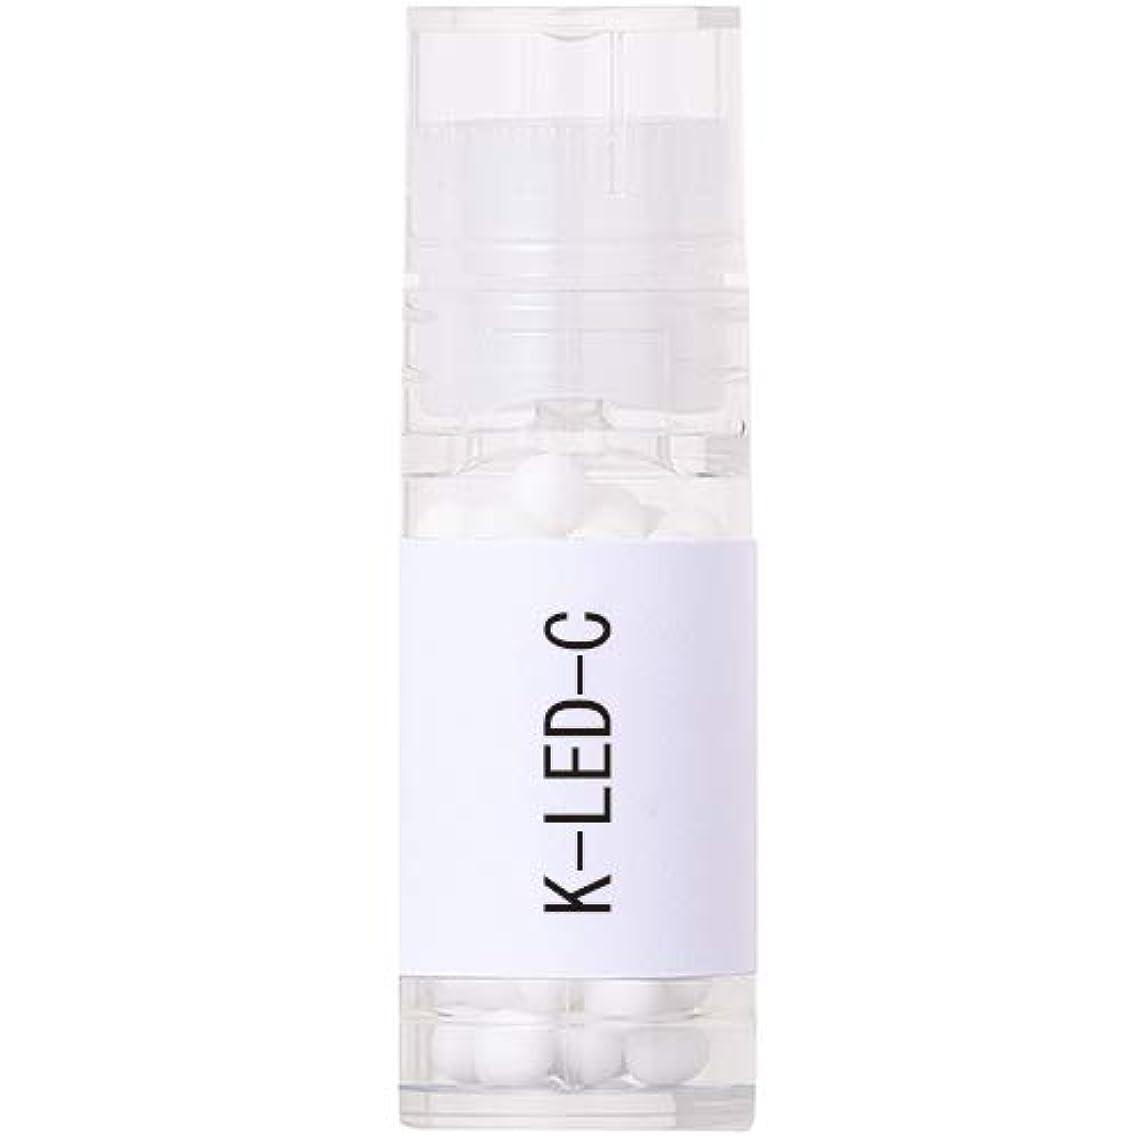 偏心調和のとれた幸運なホメオパシージャパンレメディ Kシリーズ K-LED-C(大ビン) 2.6g(約100粒)